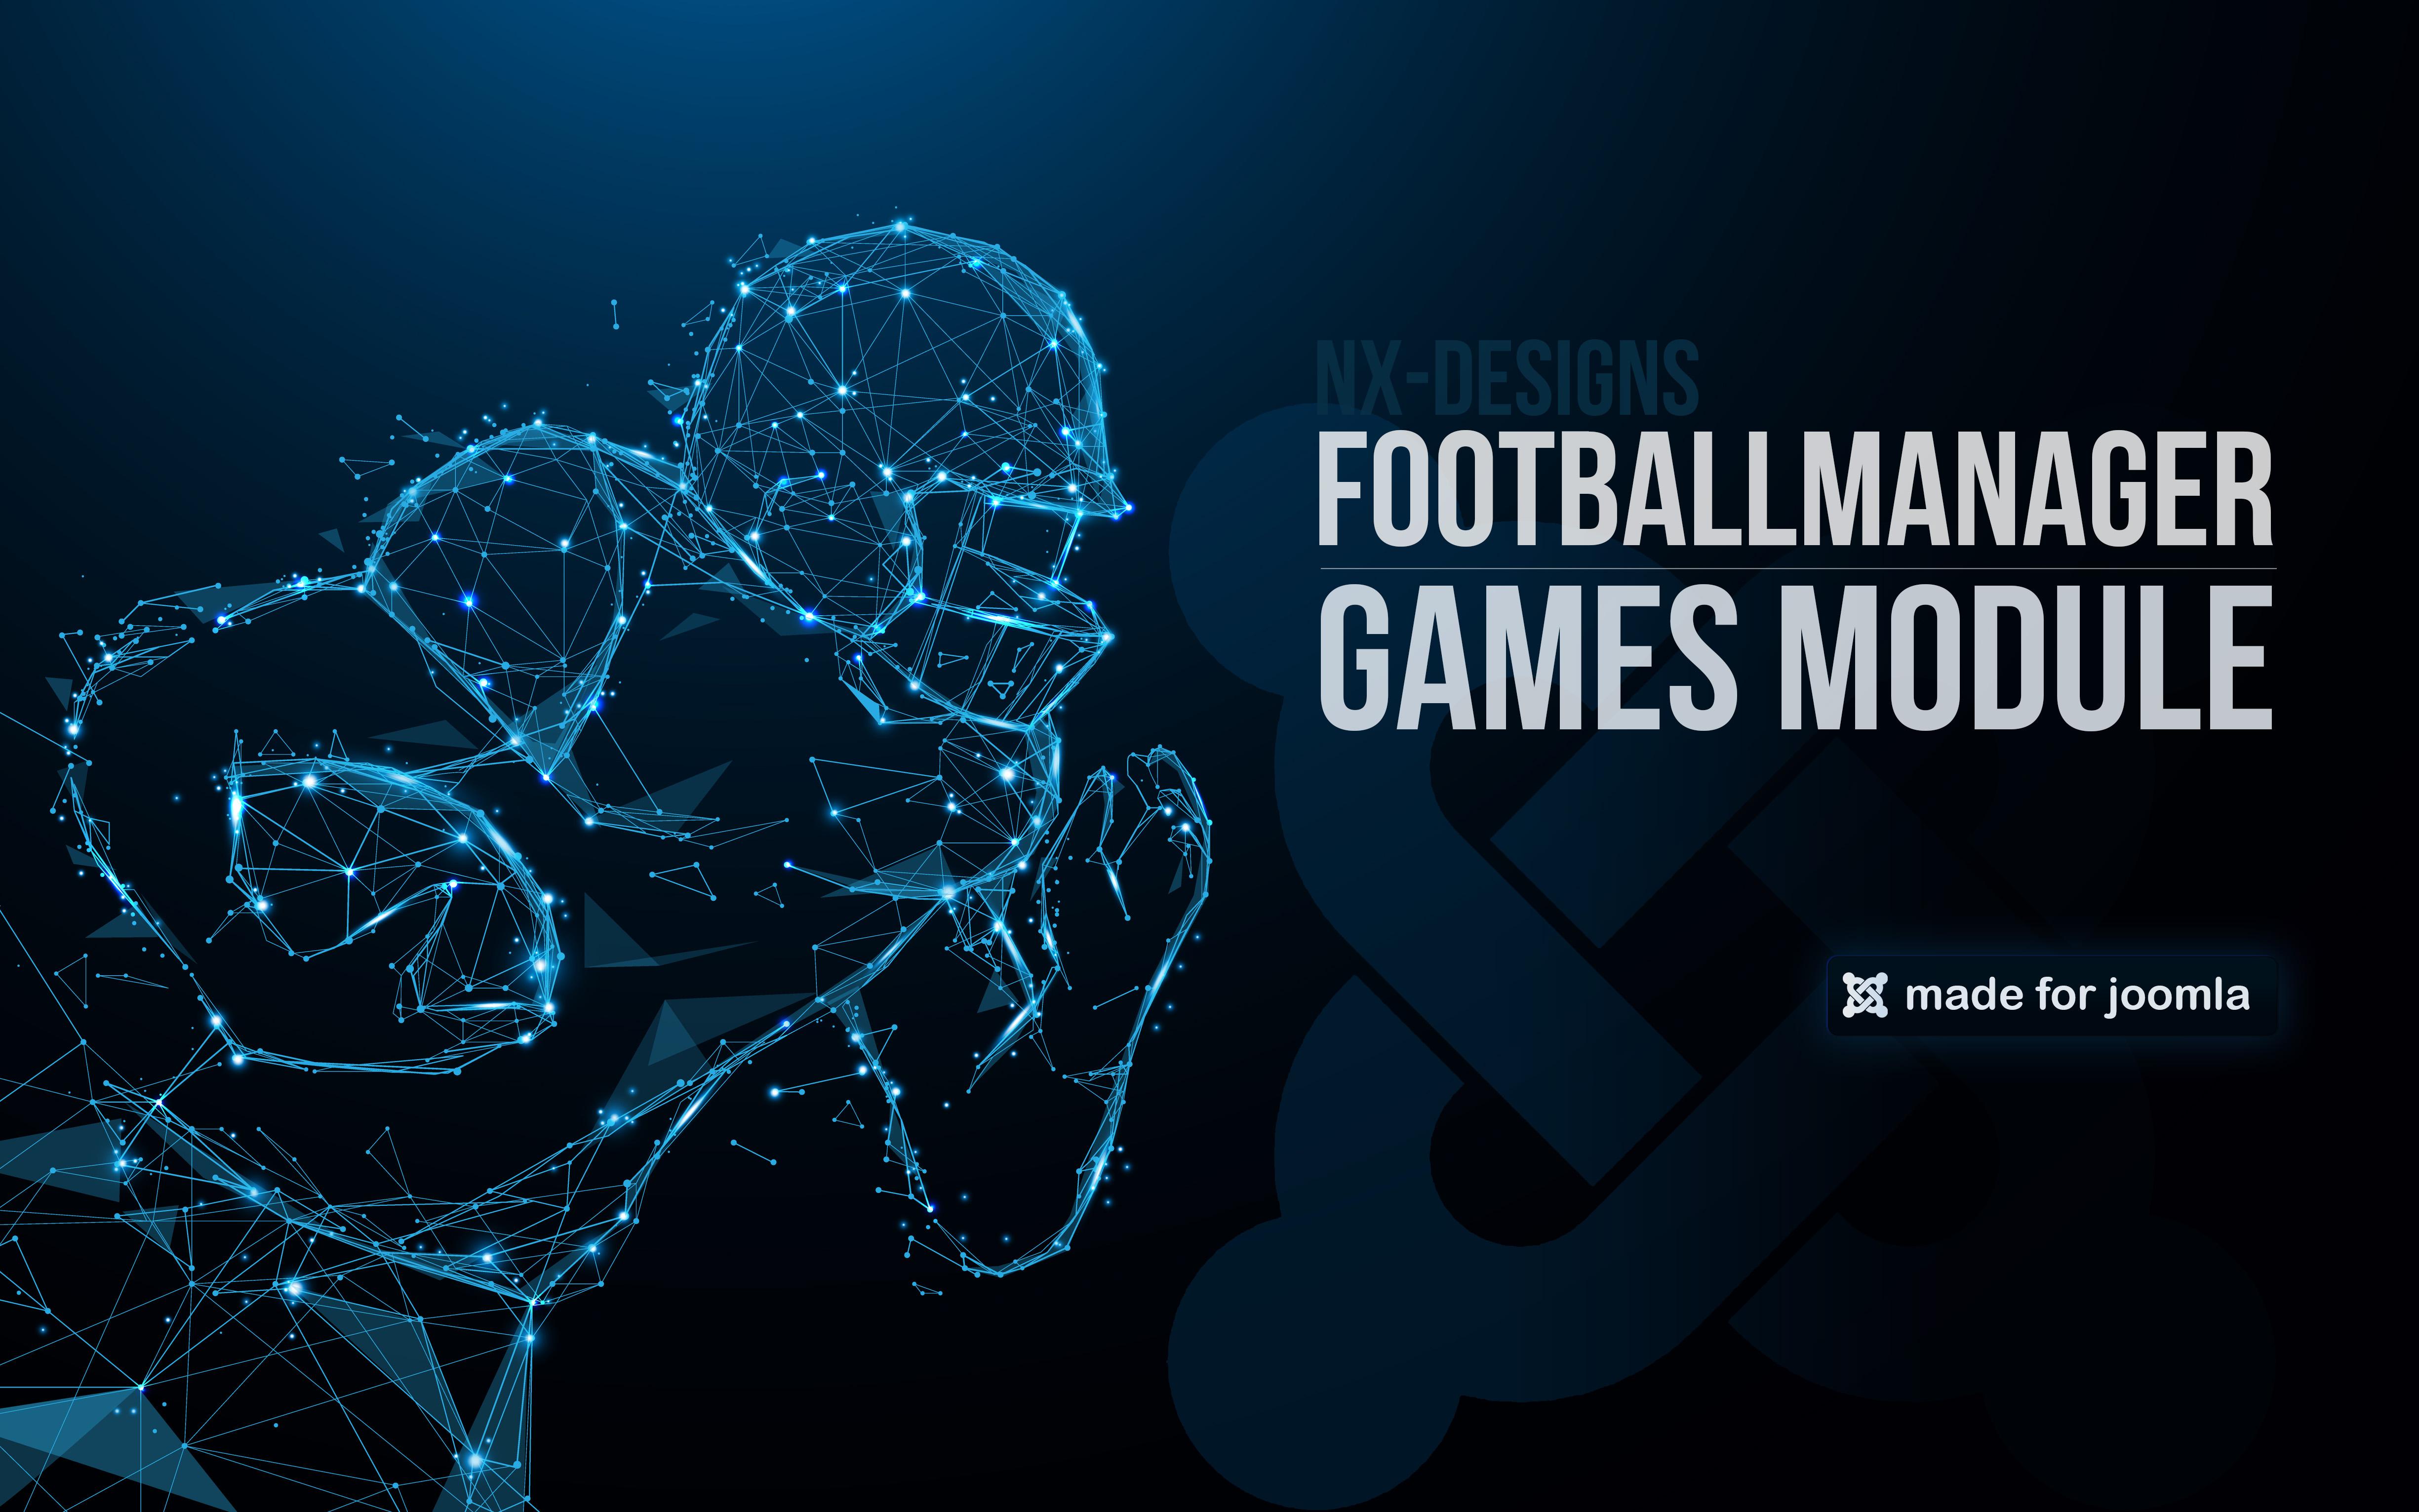 FootballManager Games